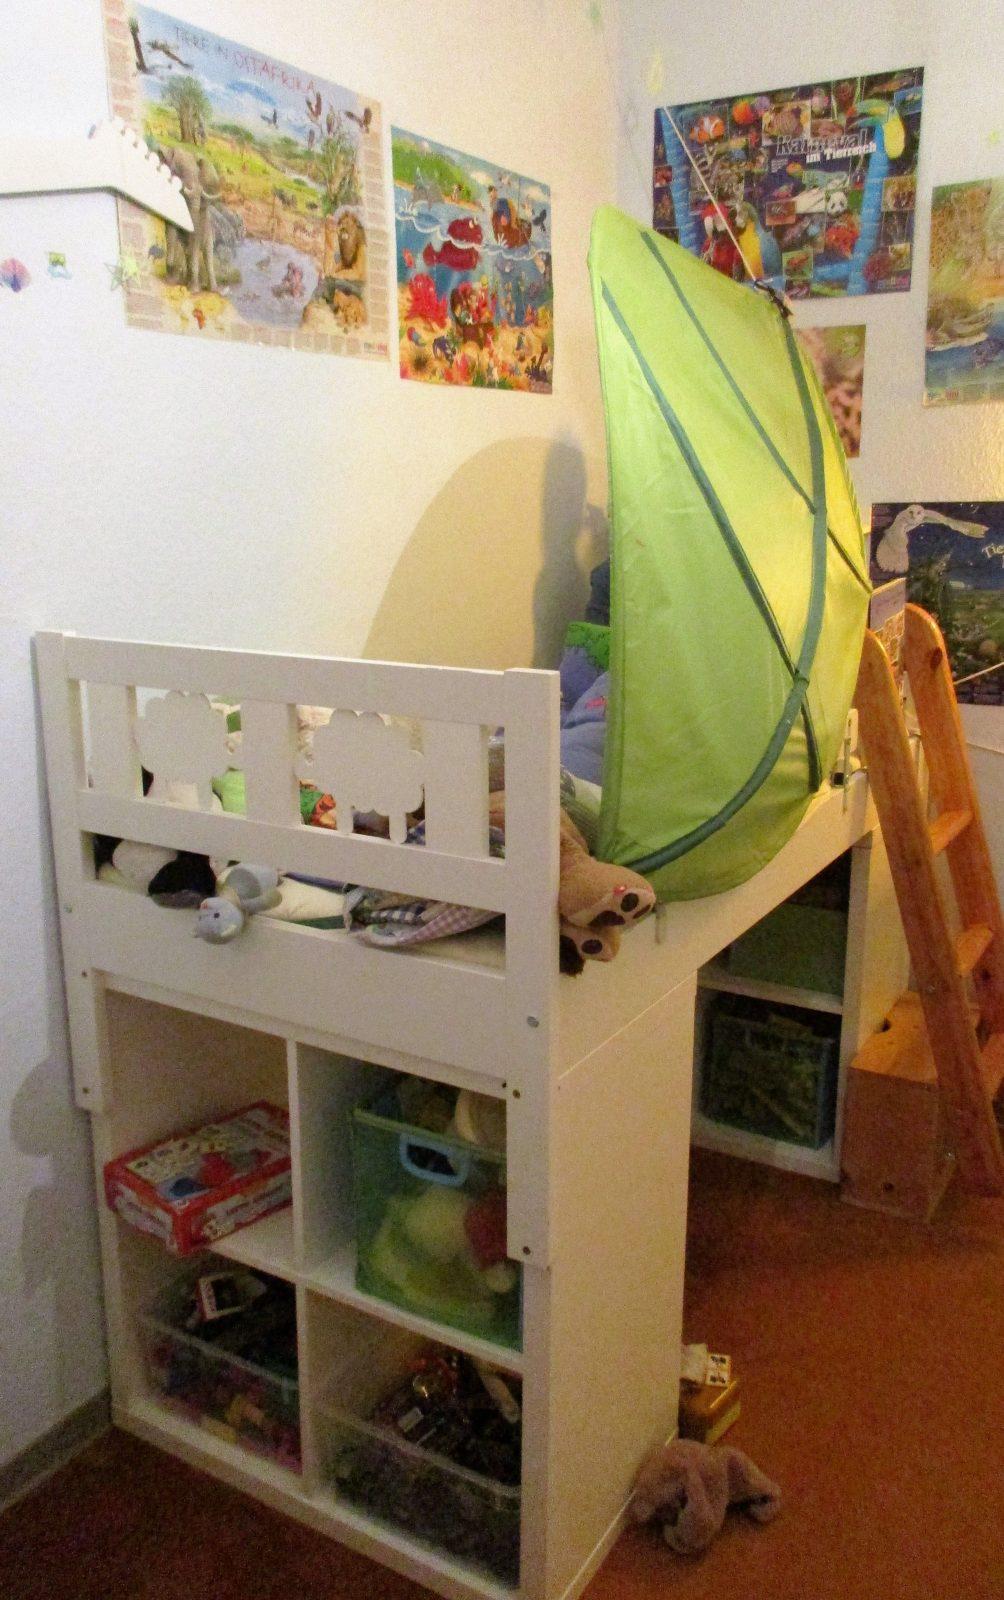 Hochbett Selber Bauen 2X Kallax Regal Von Ikea Unter Das Bett von Hochbett Leiter Selber Bauen Bild